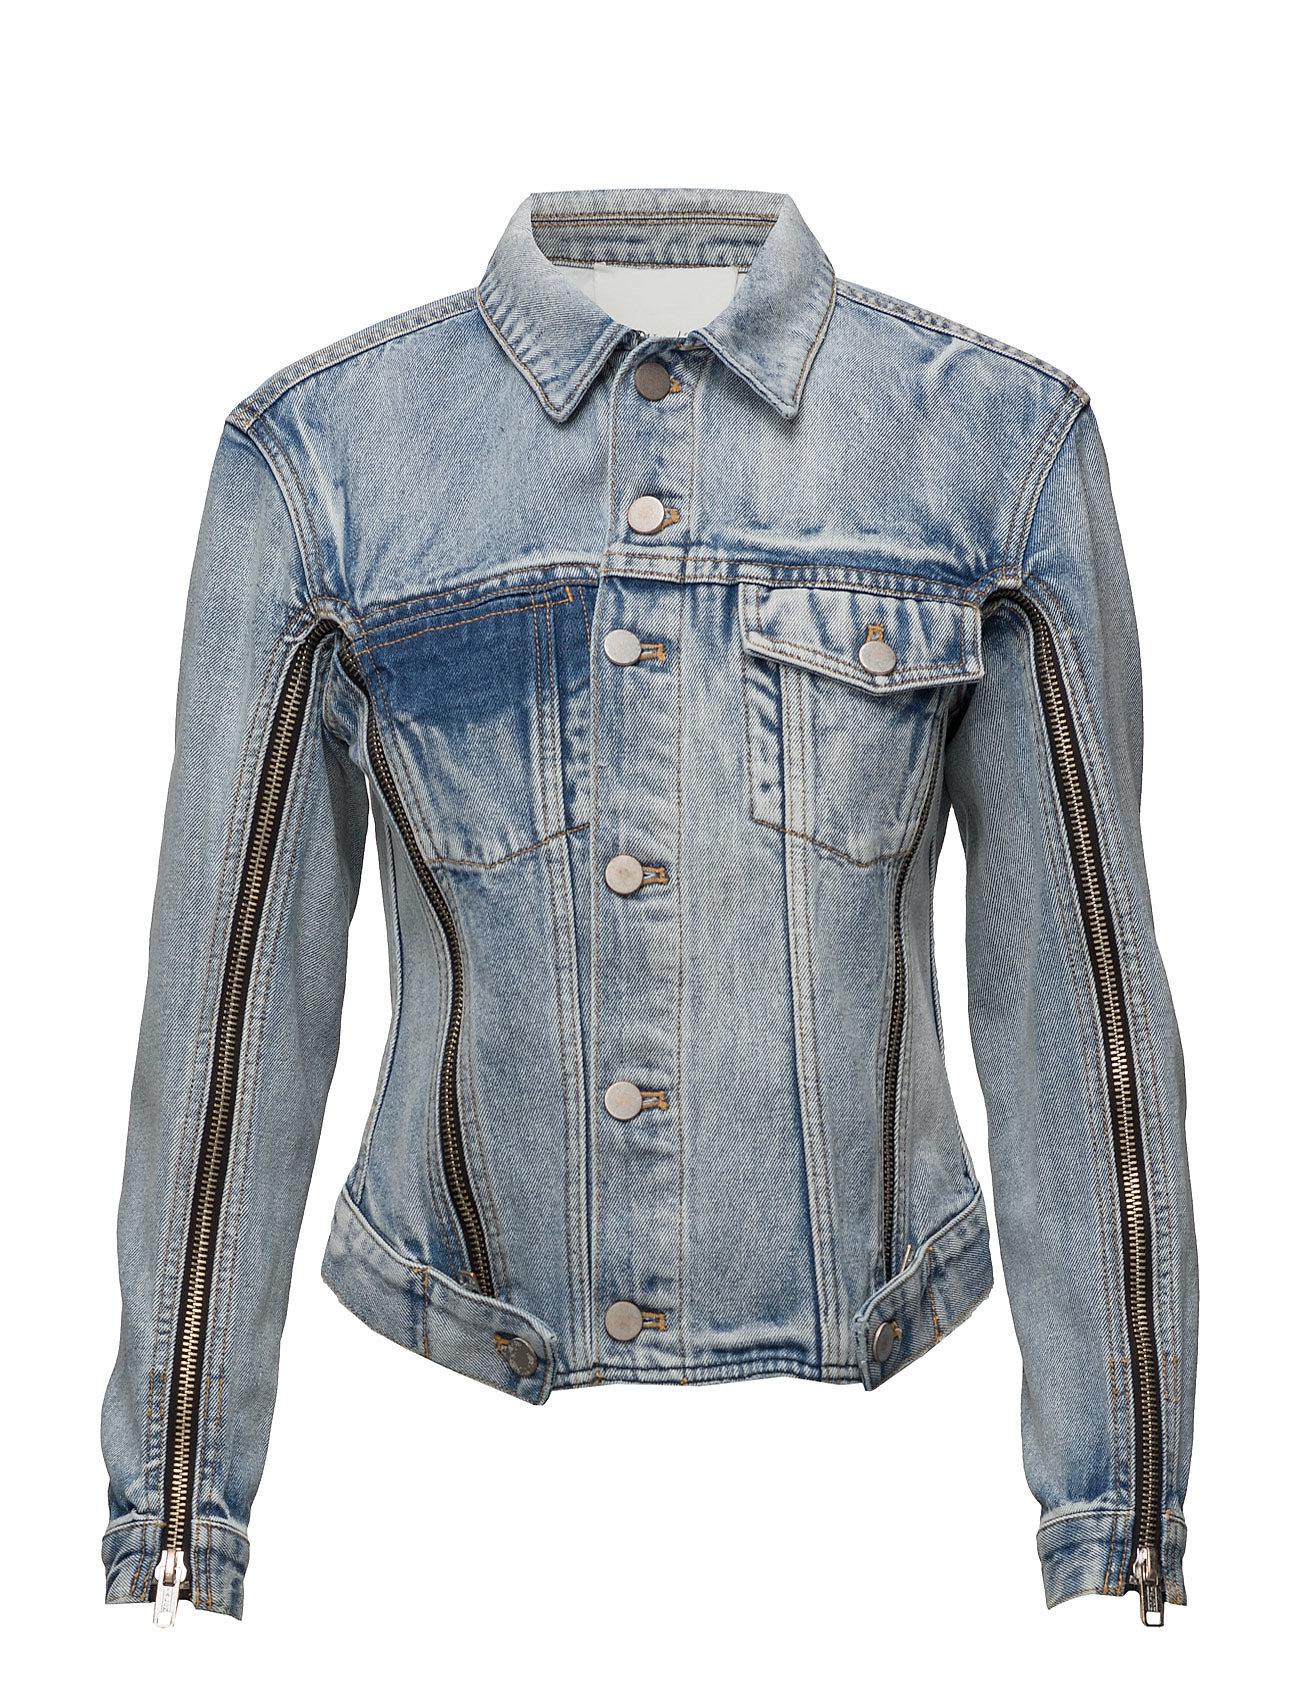 Denim Jacket 3.1 Phillip Lim Jakker til Damer i indigo